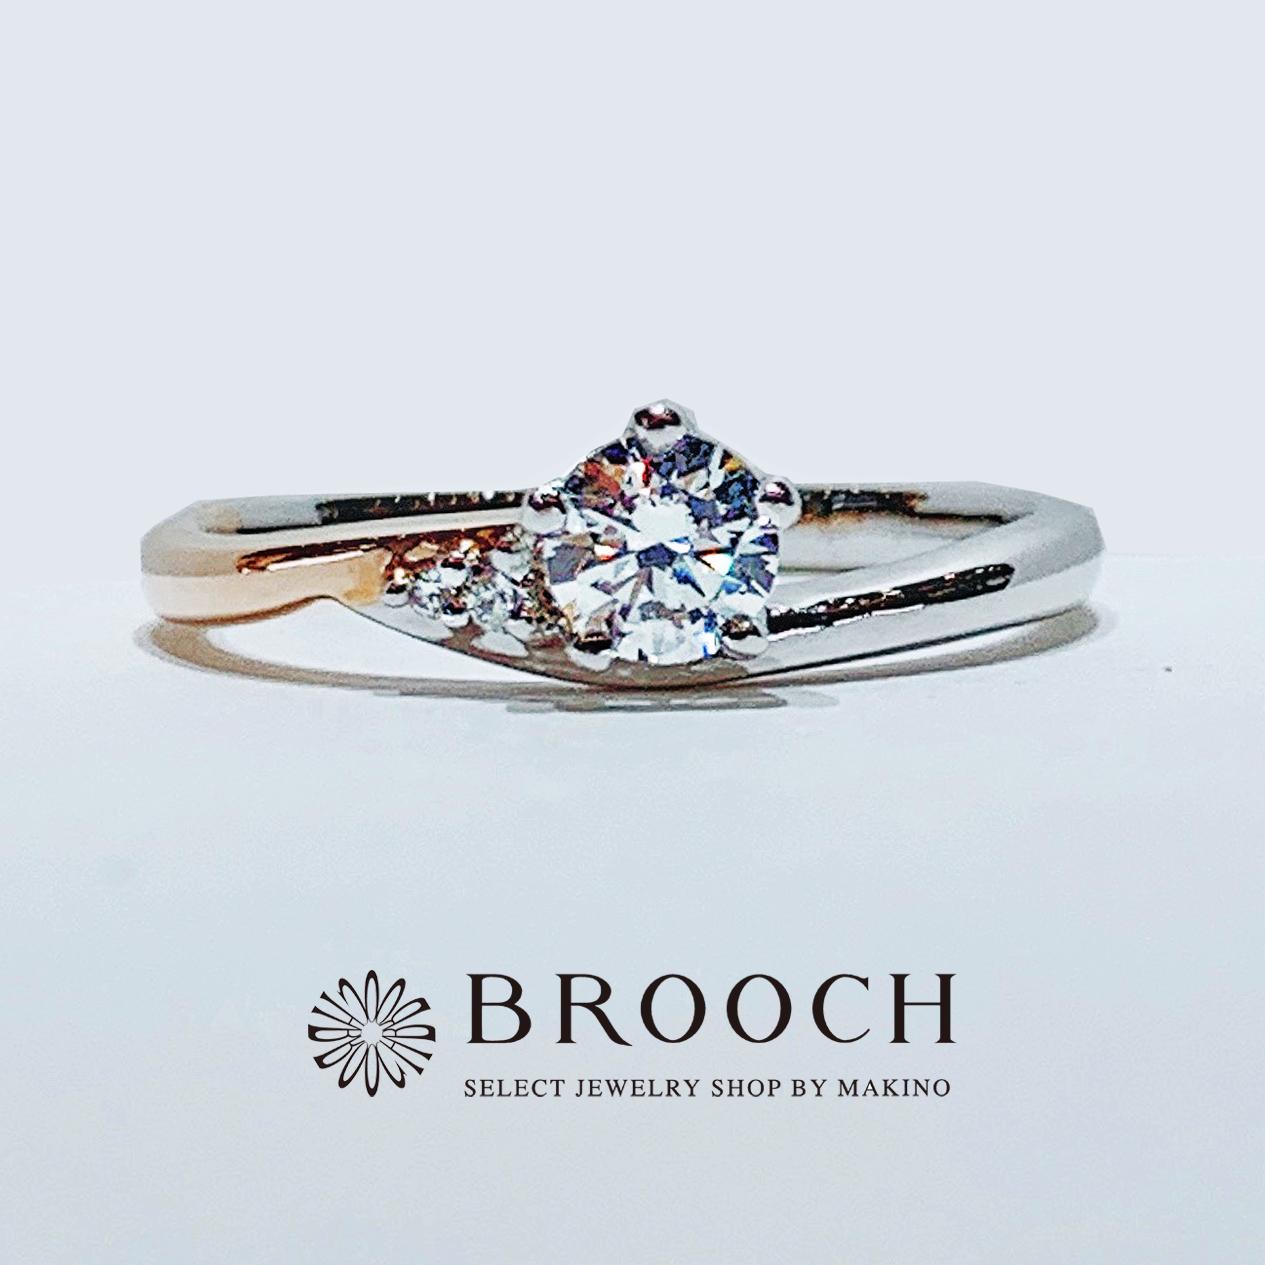 BROOCH 婚約指輪 エンゲージリング かわいい 2色コンビウェーブデザイン